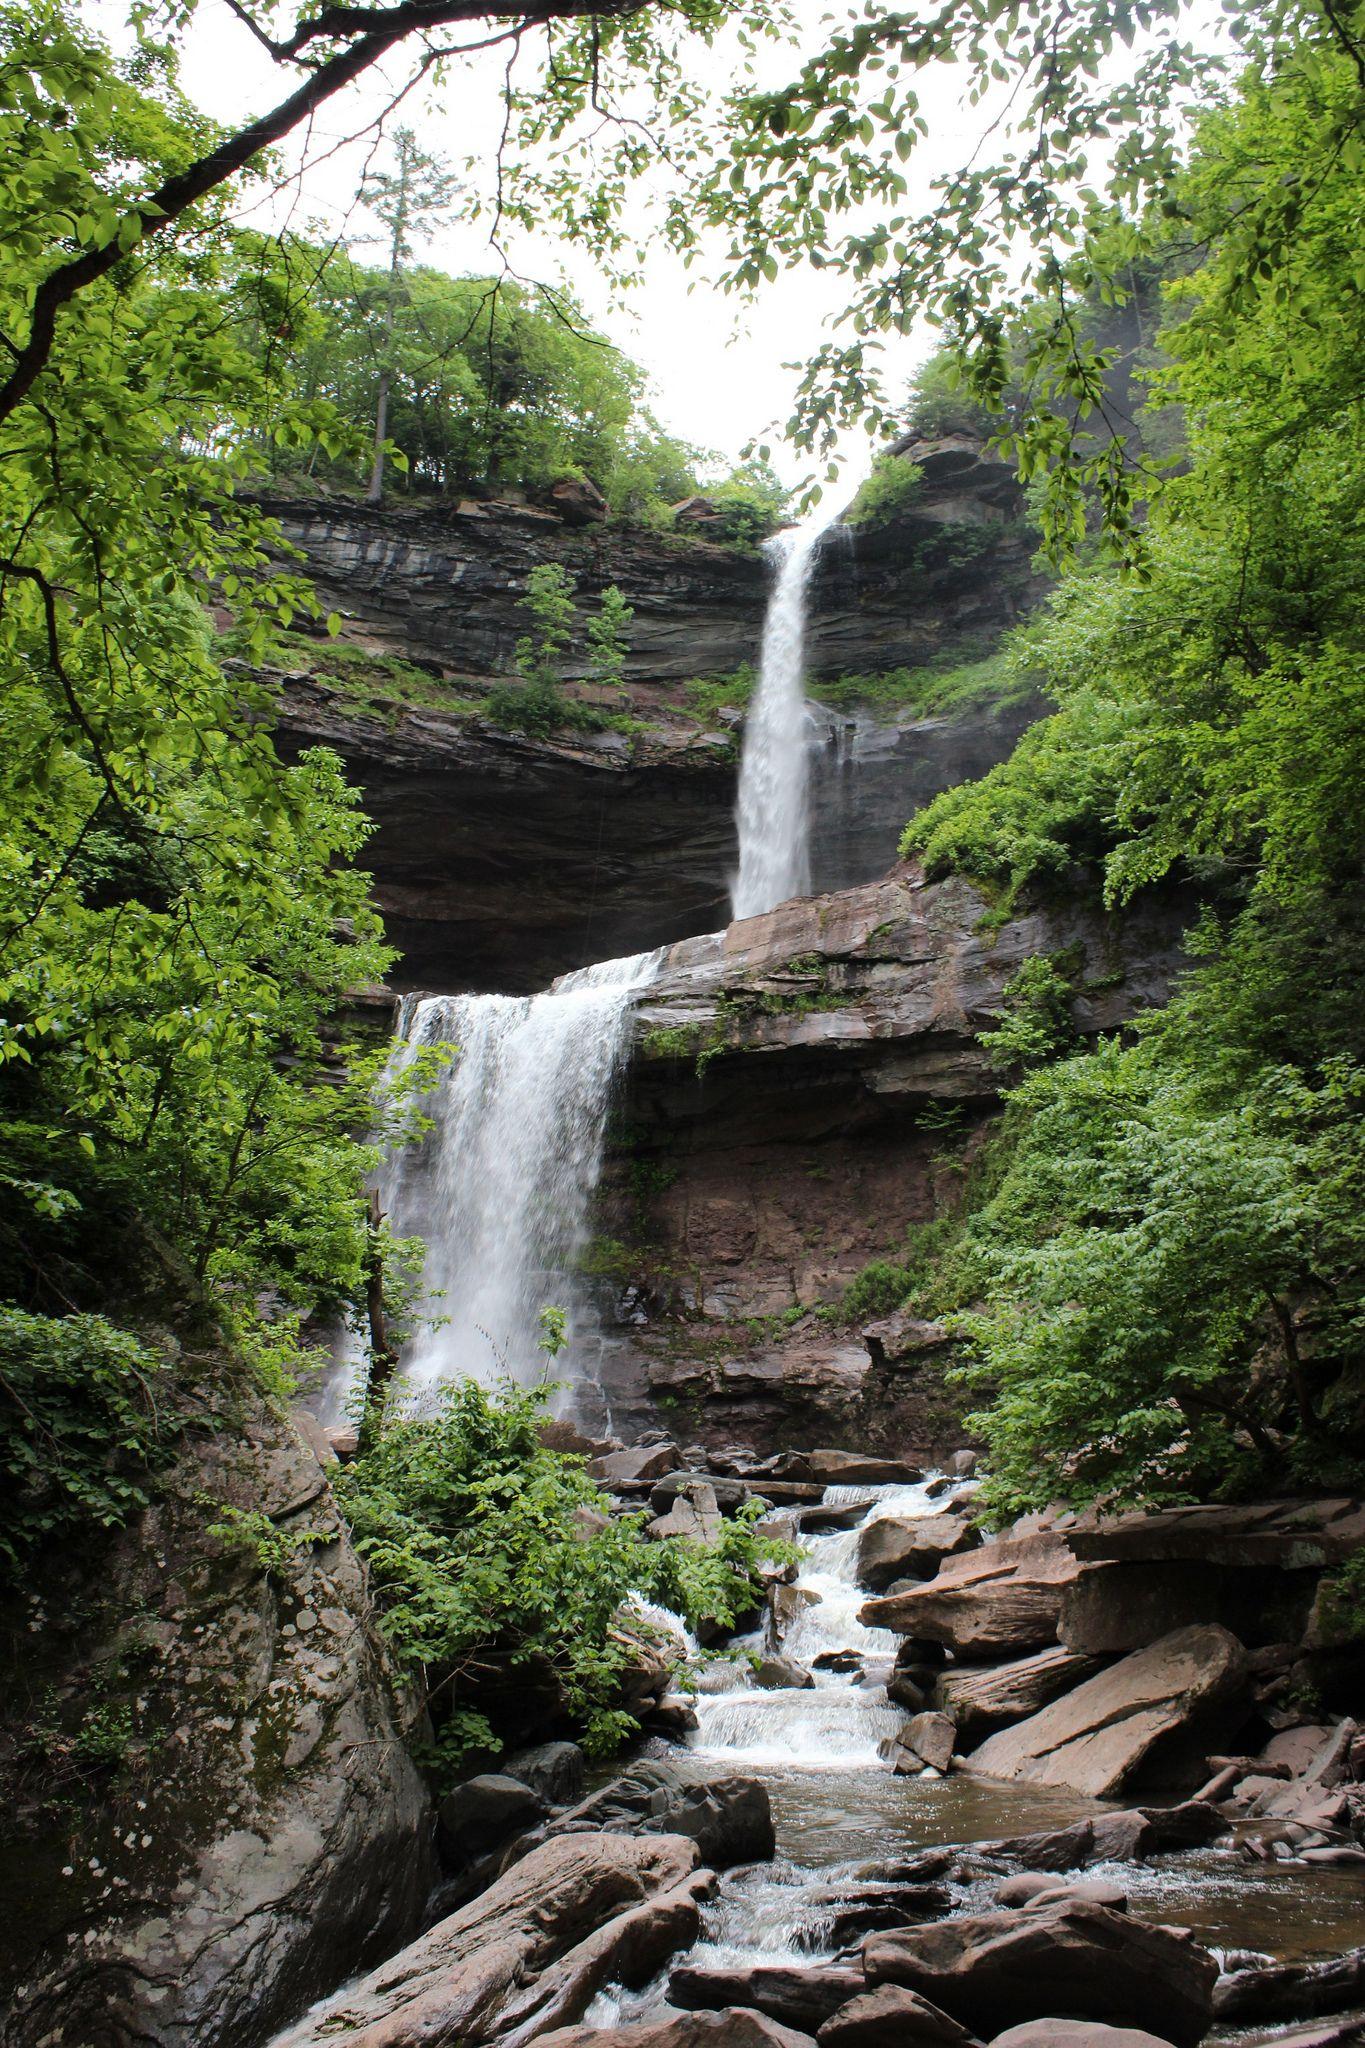 Kaaterskill Falls (Catskill Mountains, NY) in 2020